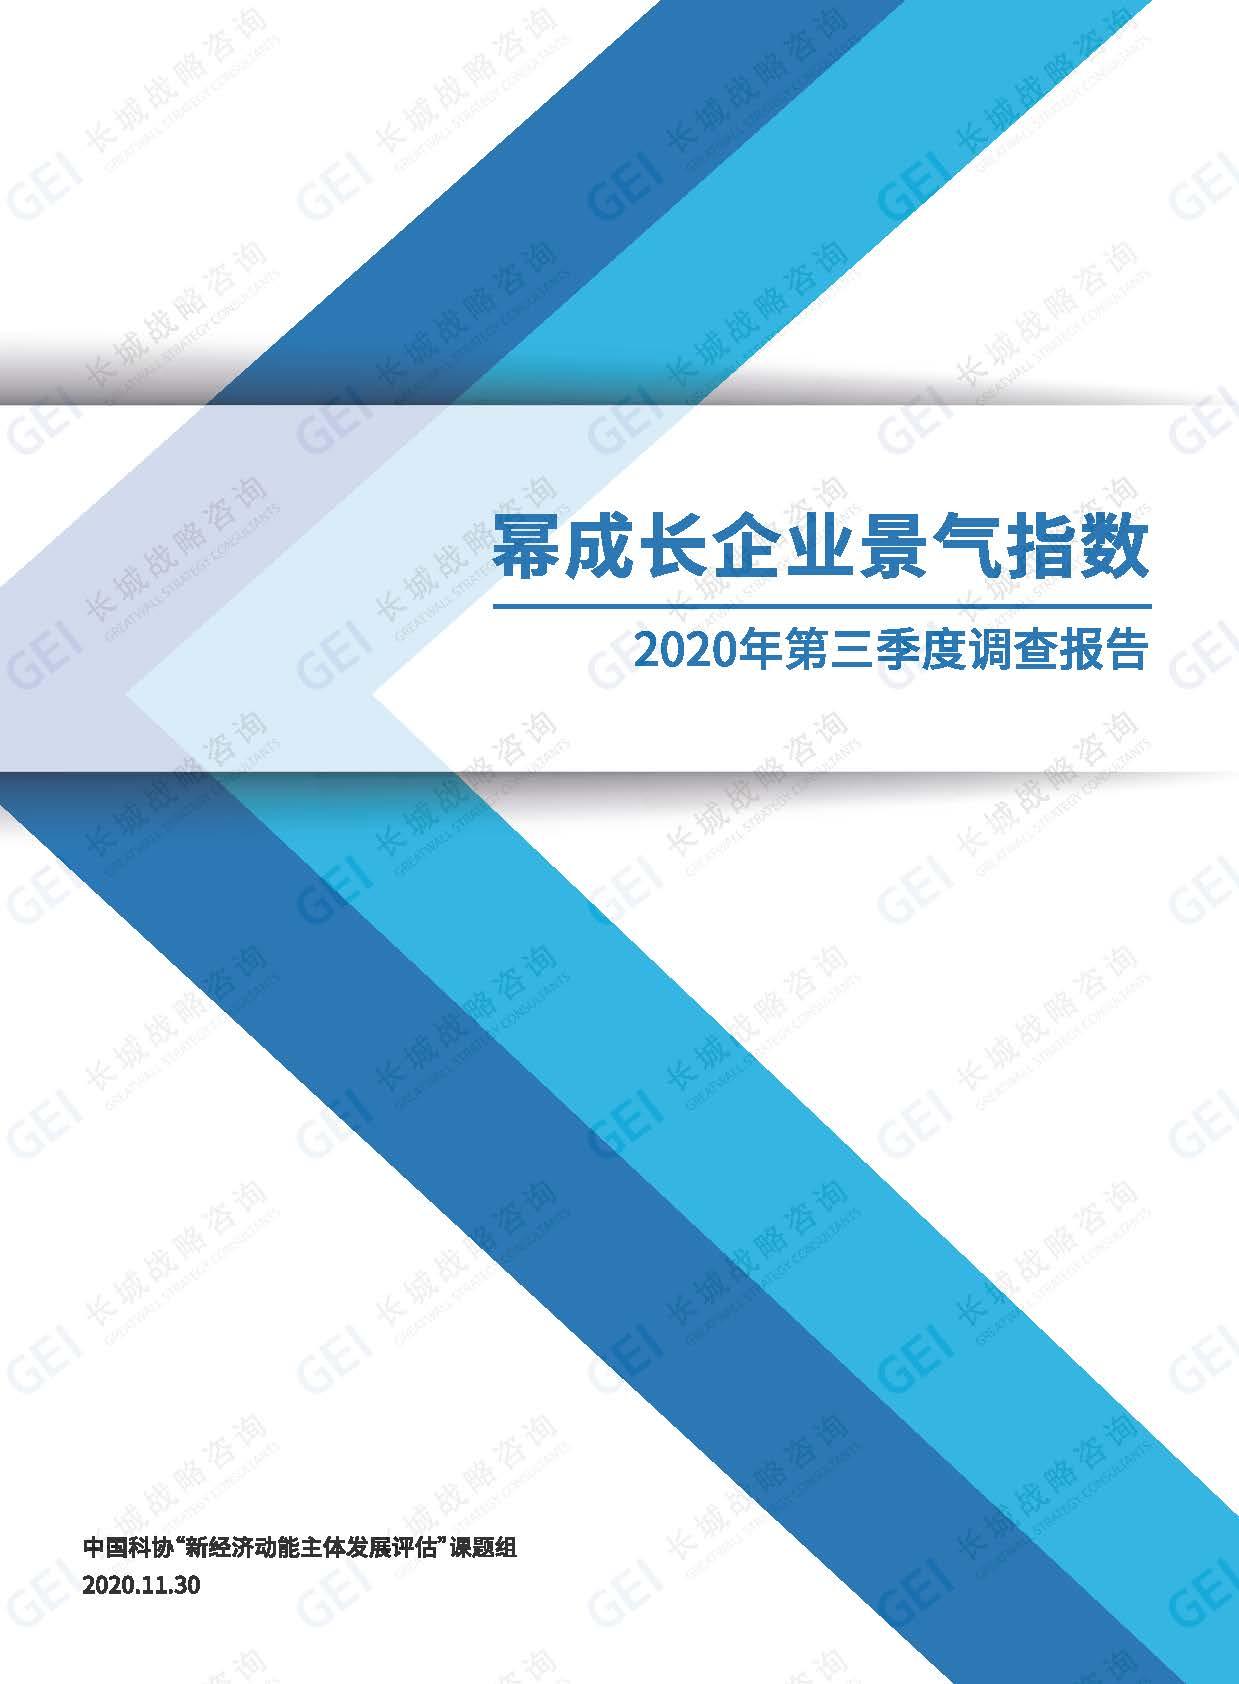 2020年第三季度幂成长企业景气指数调查报告_页面_01.jpg